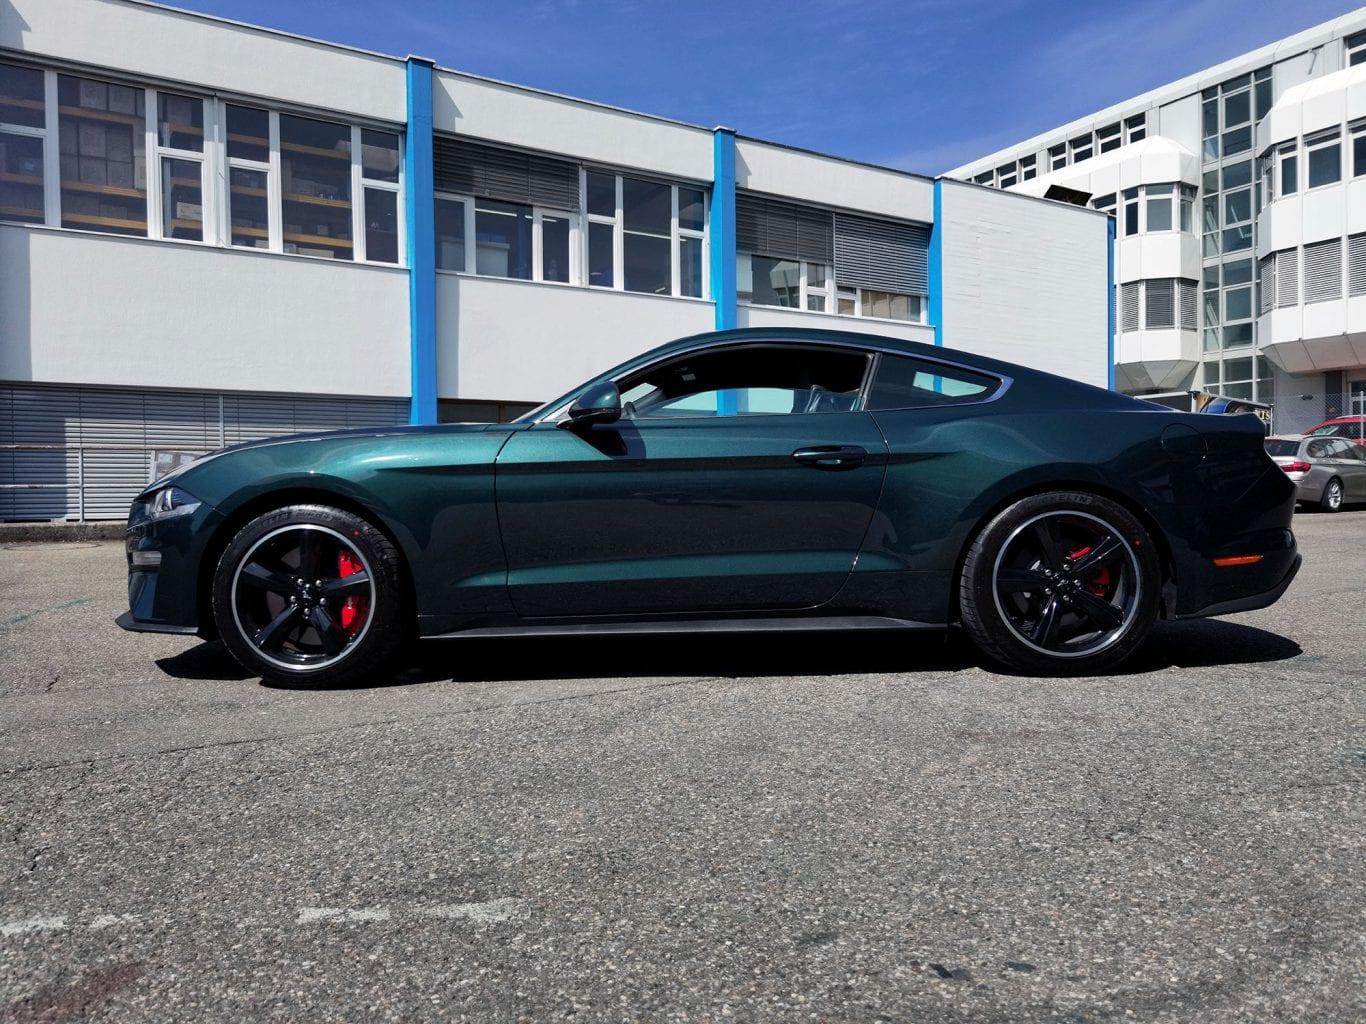 Ford Mustang Bullitt: Korrigierter Kult - Auto Kunz AG 5